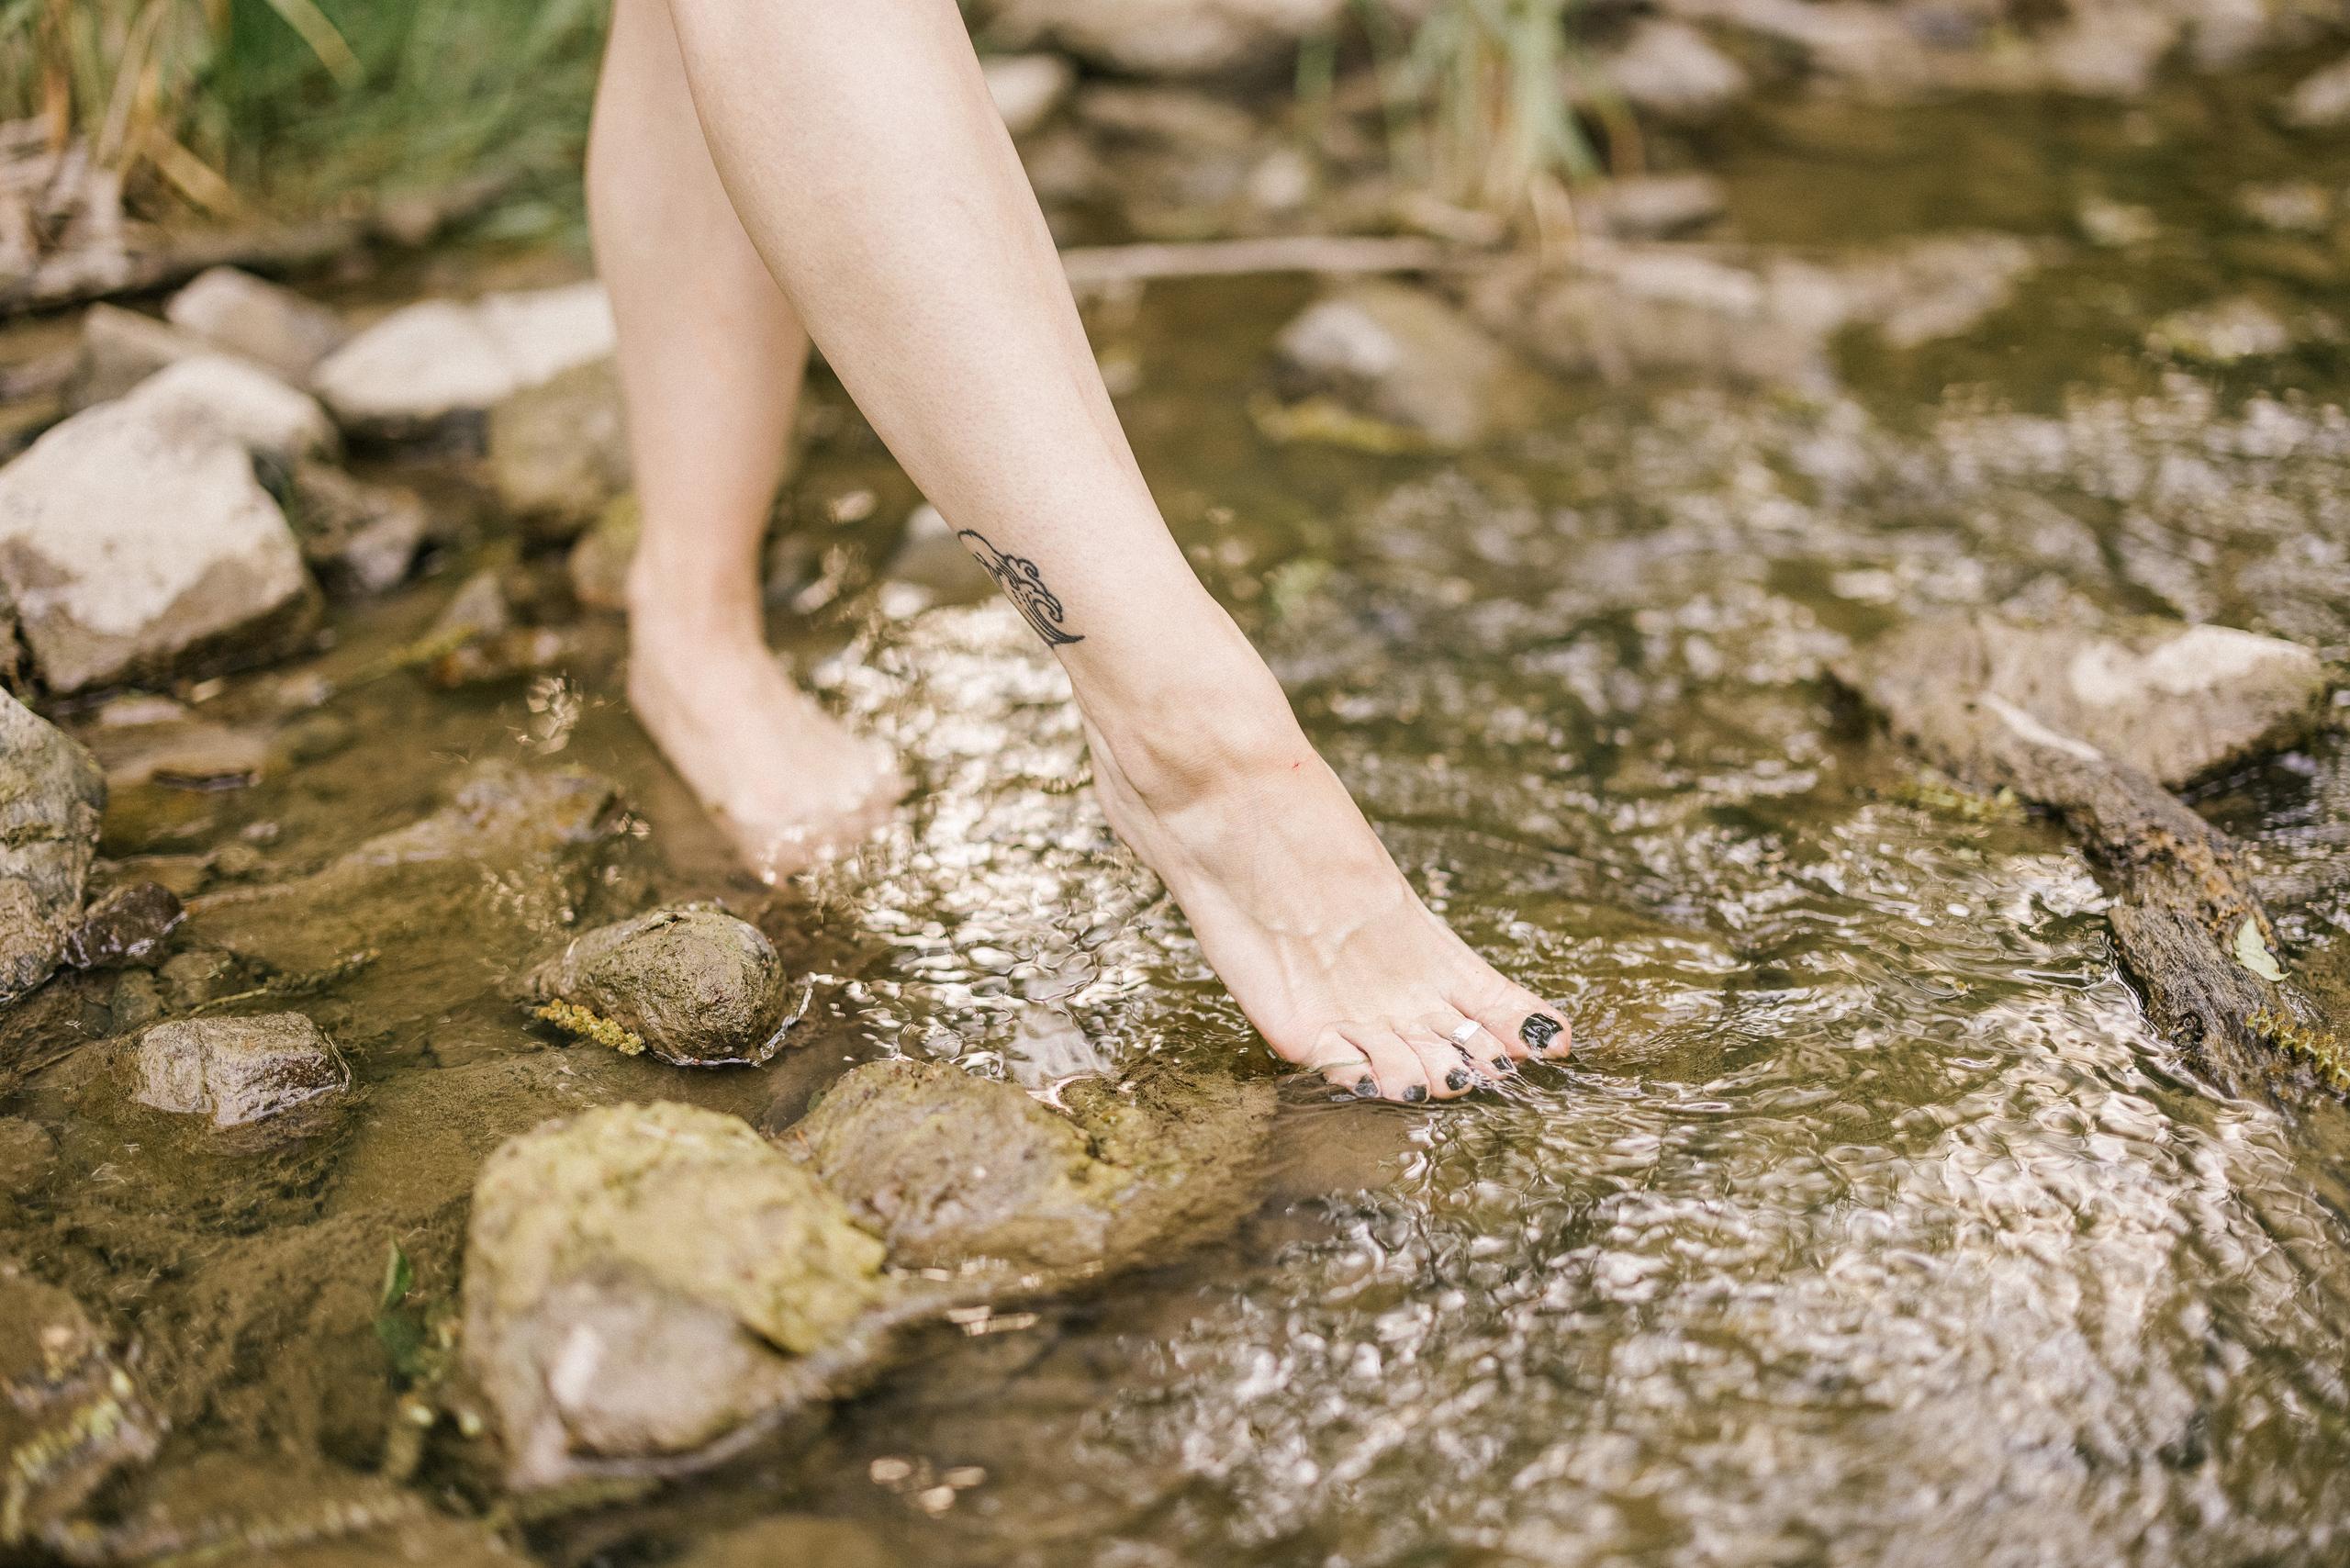 bridal boudoir outdoor niagara river lace robe sensual